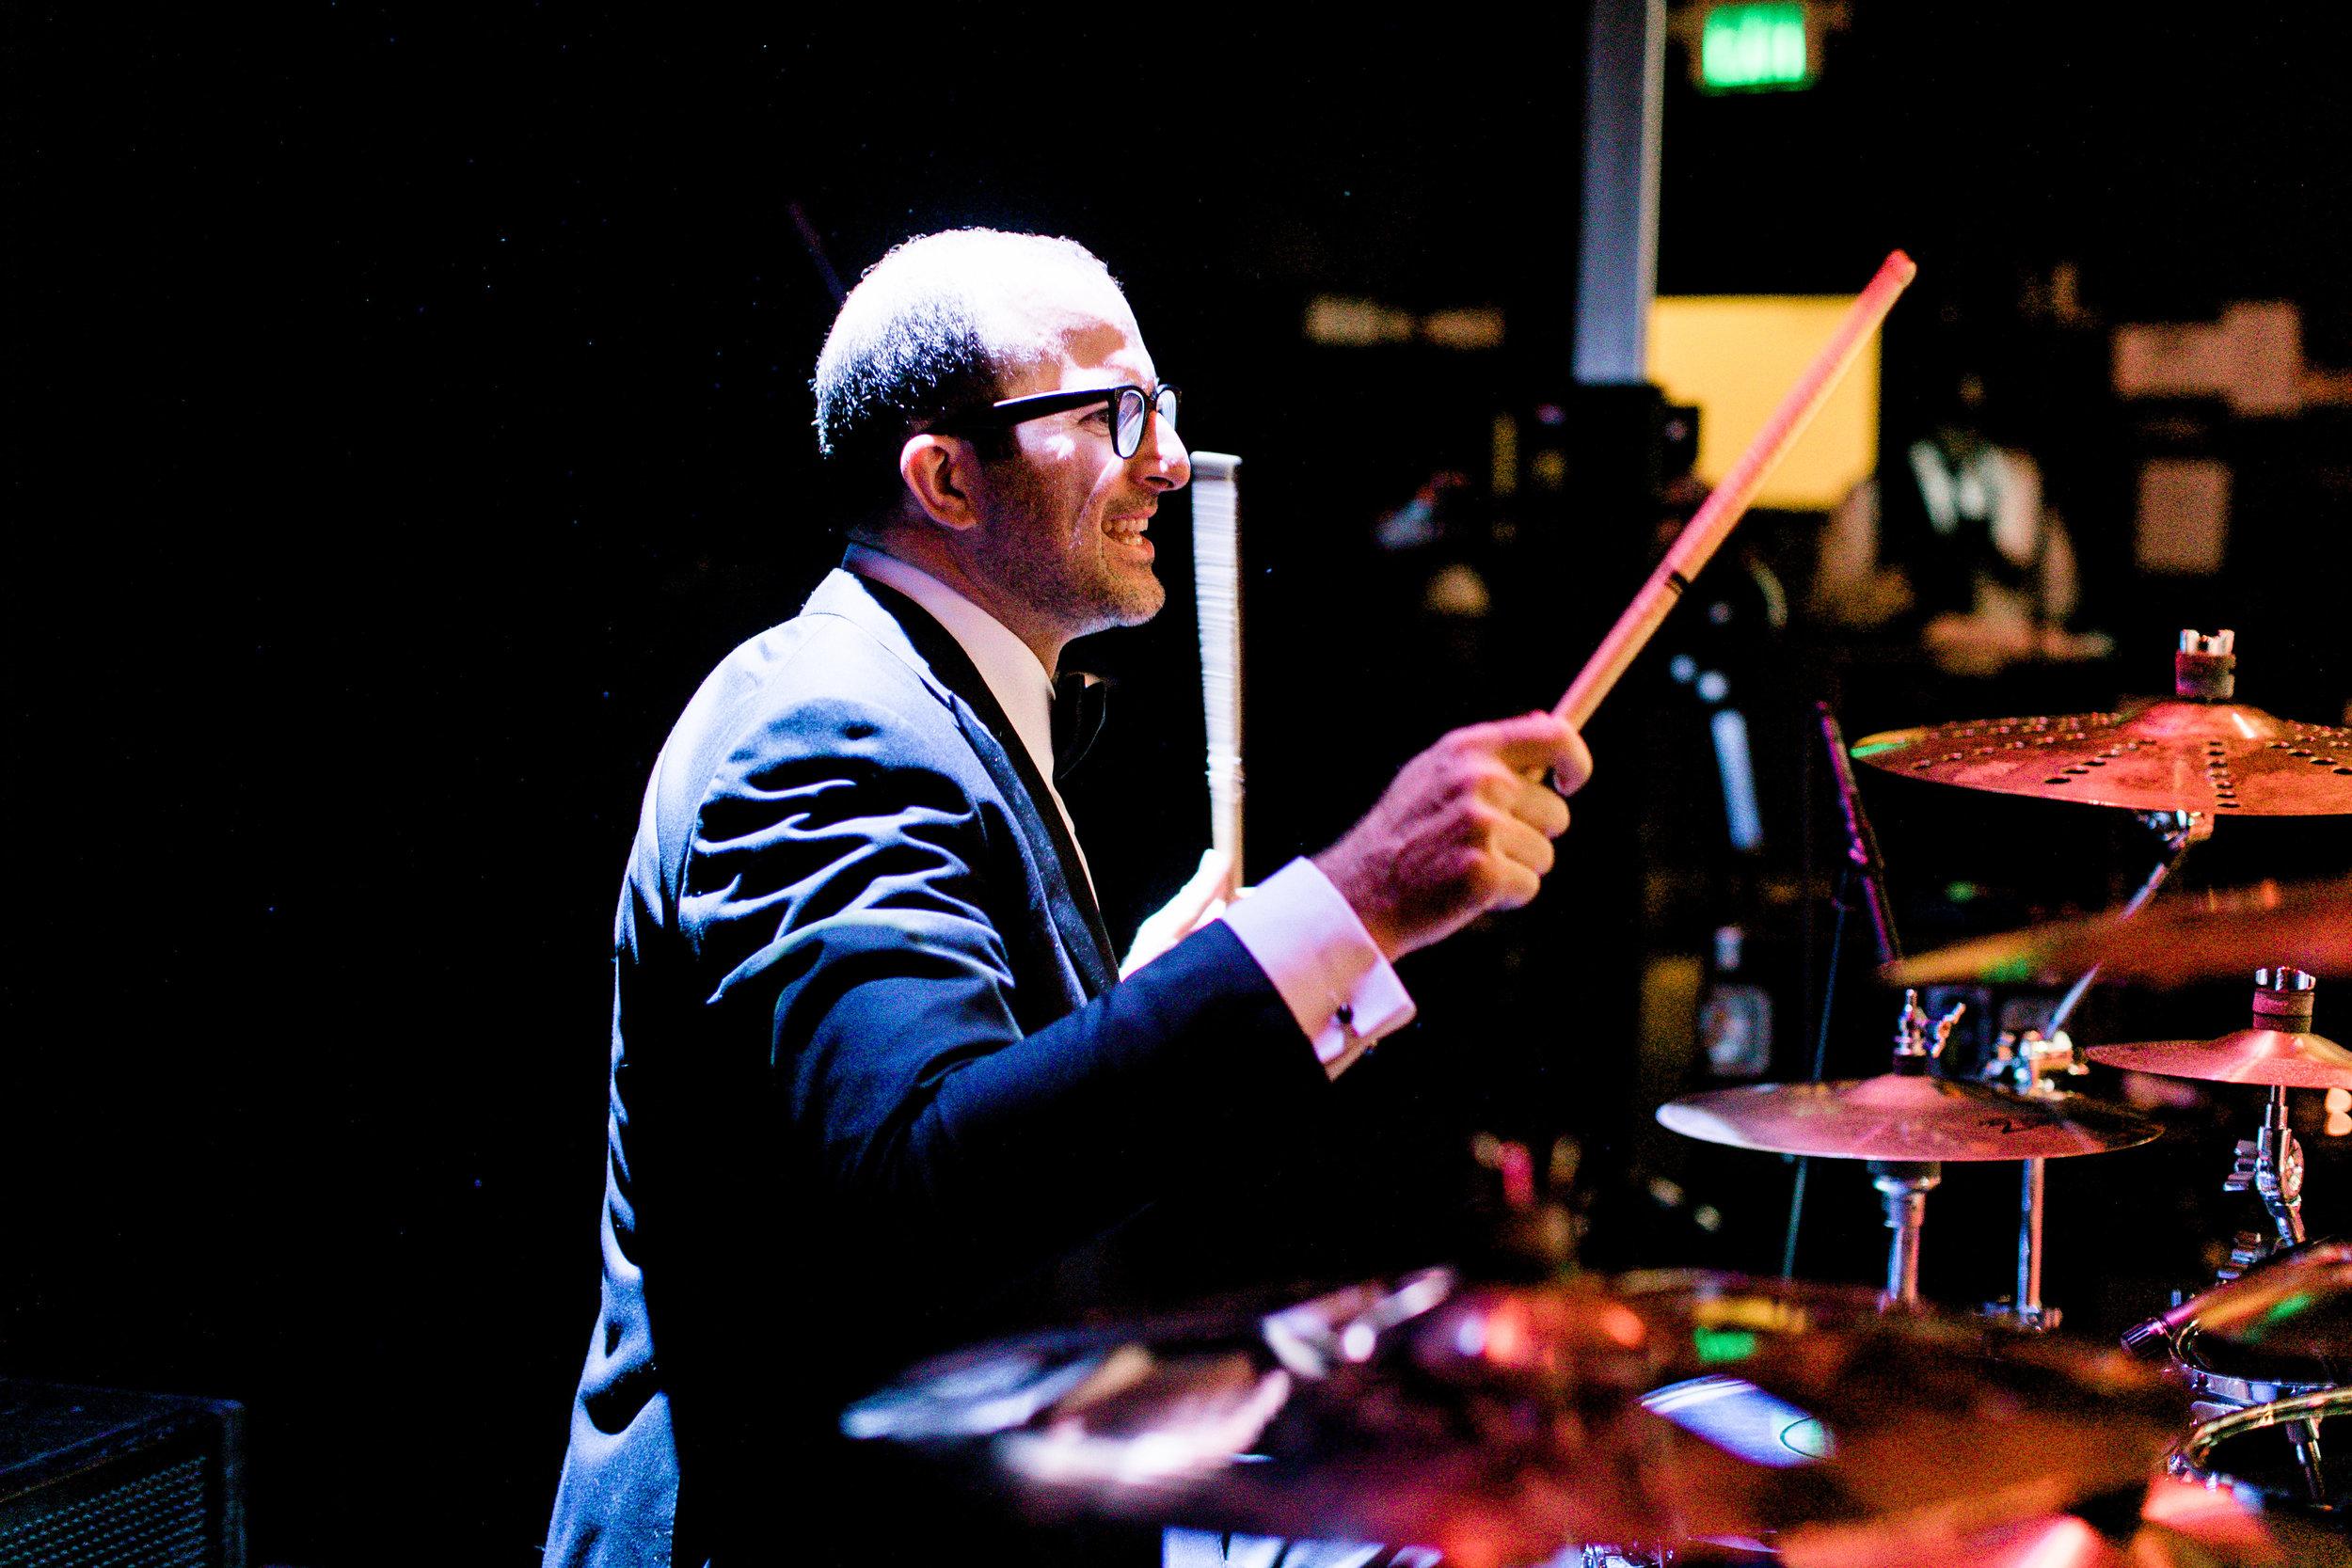 Phillip-Kari-Wedding-ROQUE-Events-Finch-Photo56.jpg